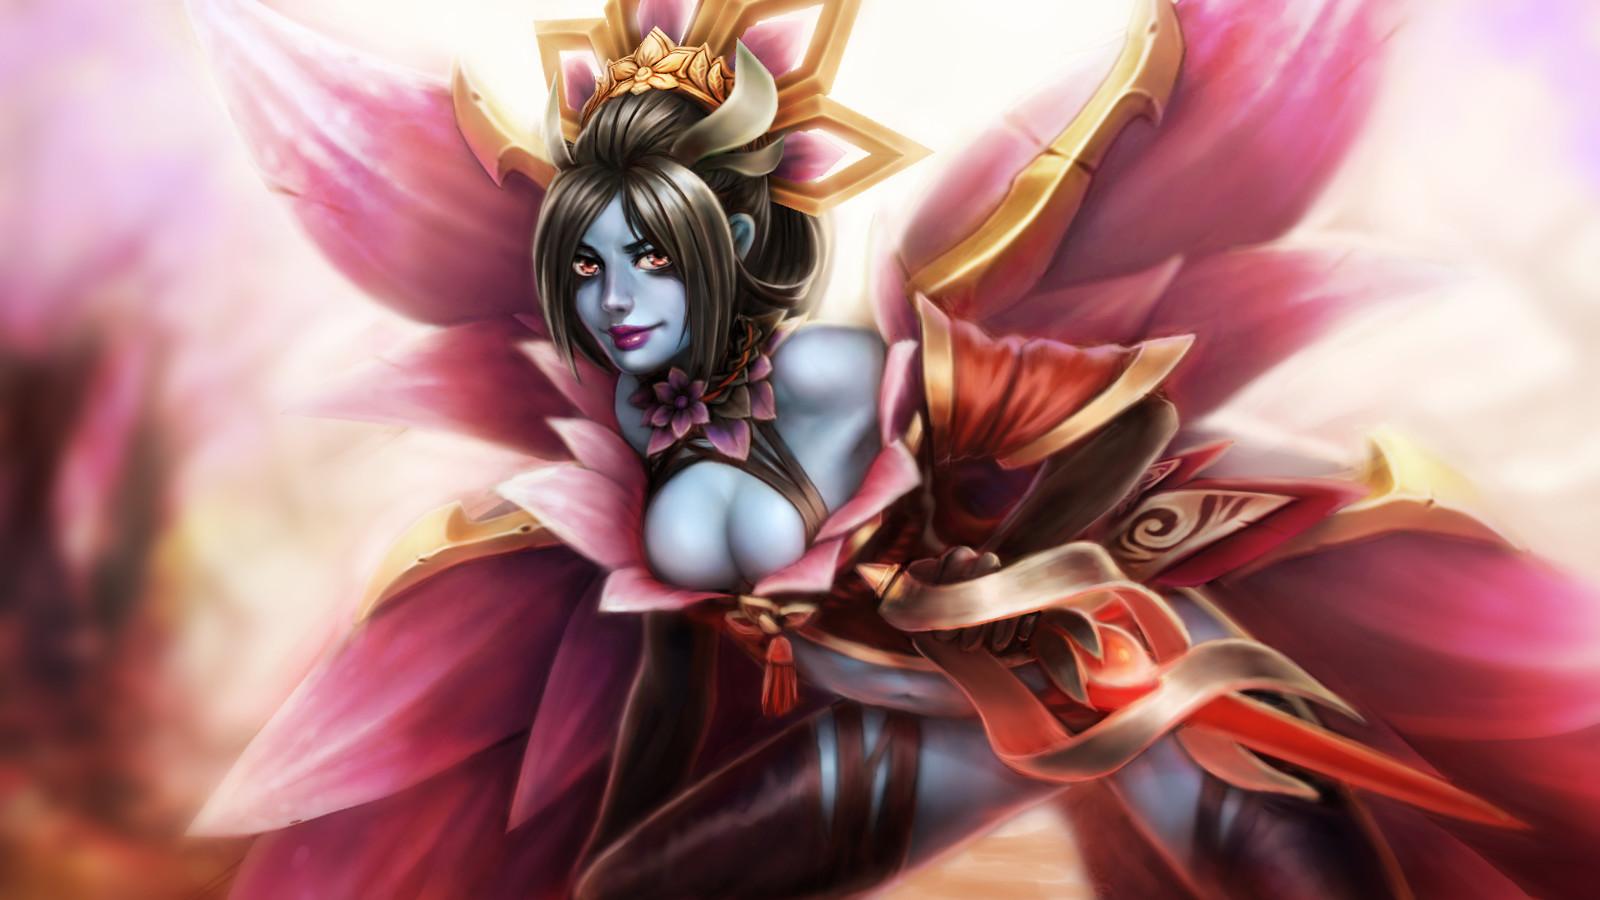 Artstation Dota 2 Queen Of Pain Flower Queen Narongdej Teo